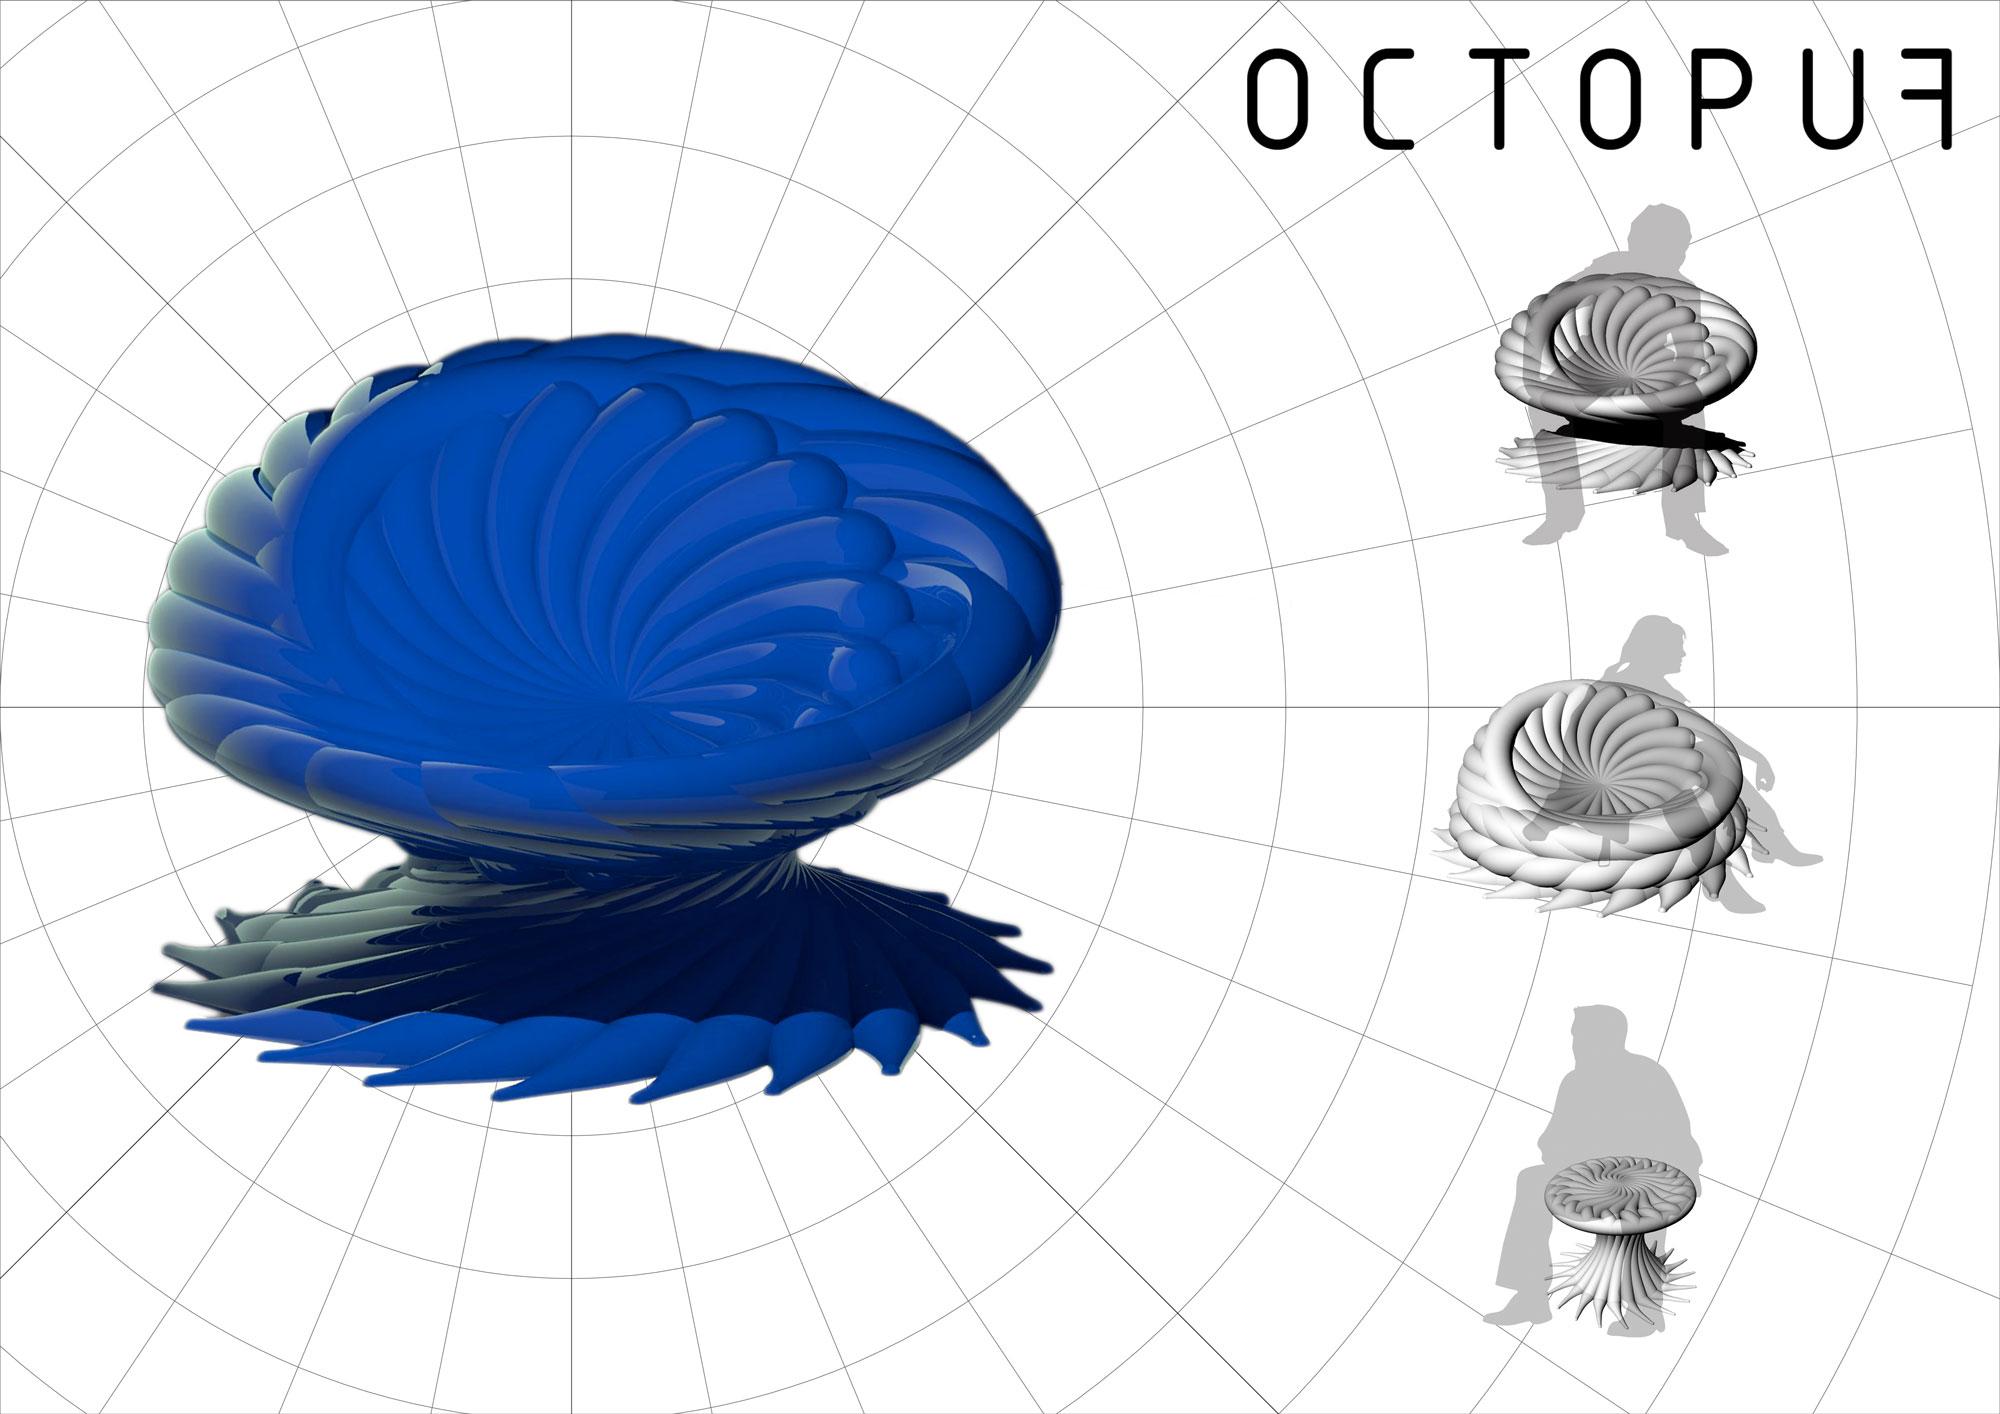 OctopuF parametric chair